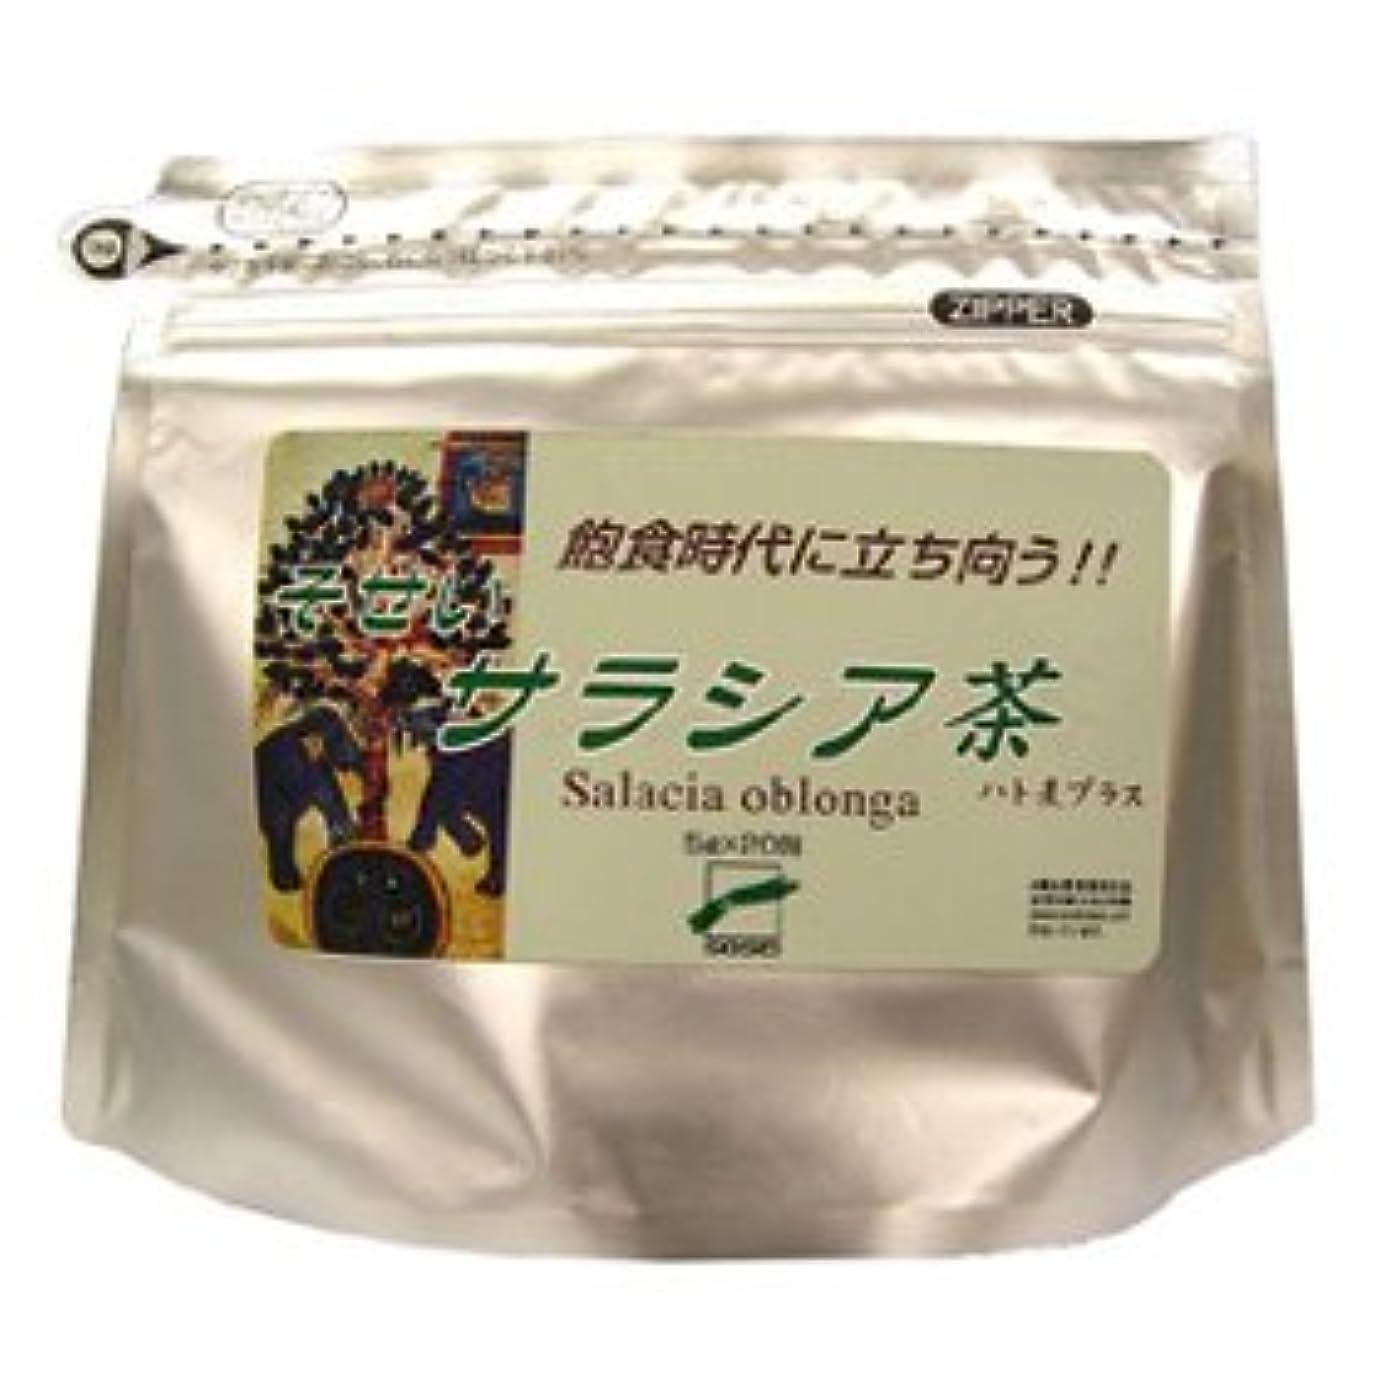 黒くする可動式についてそせい サラシア茶 1袋